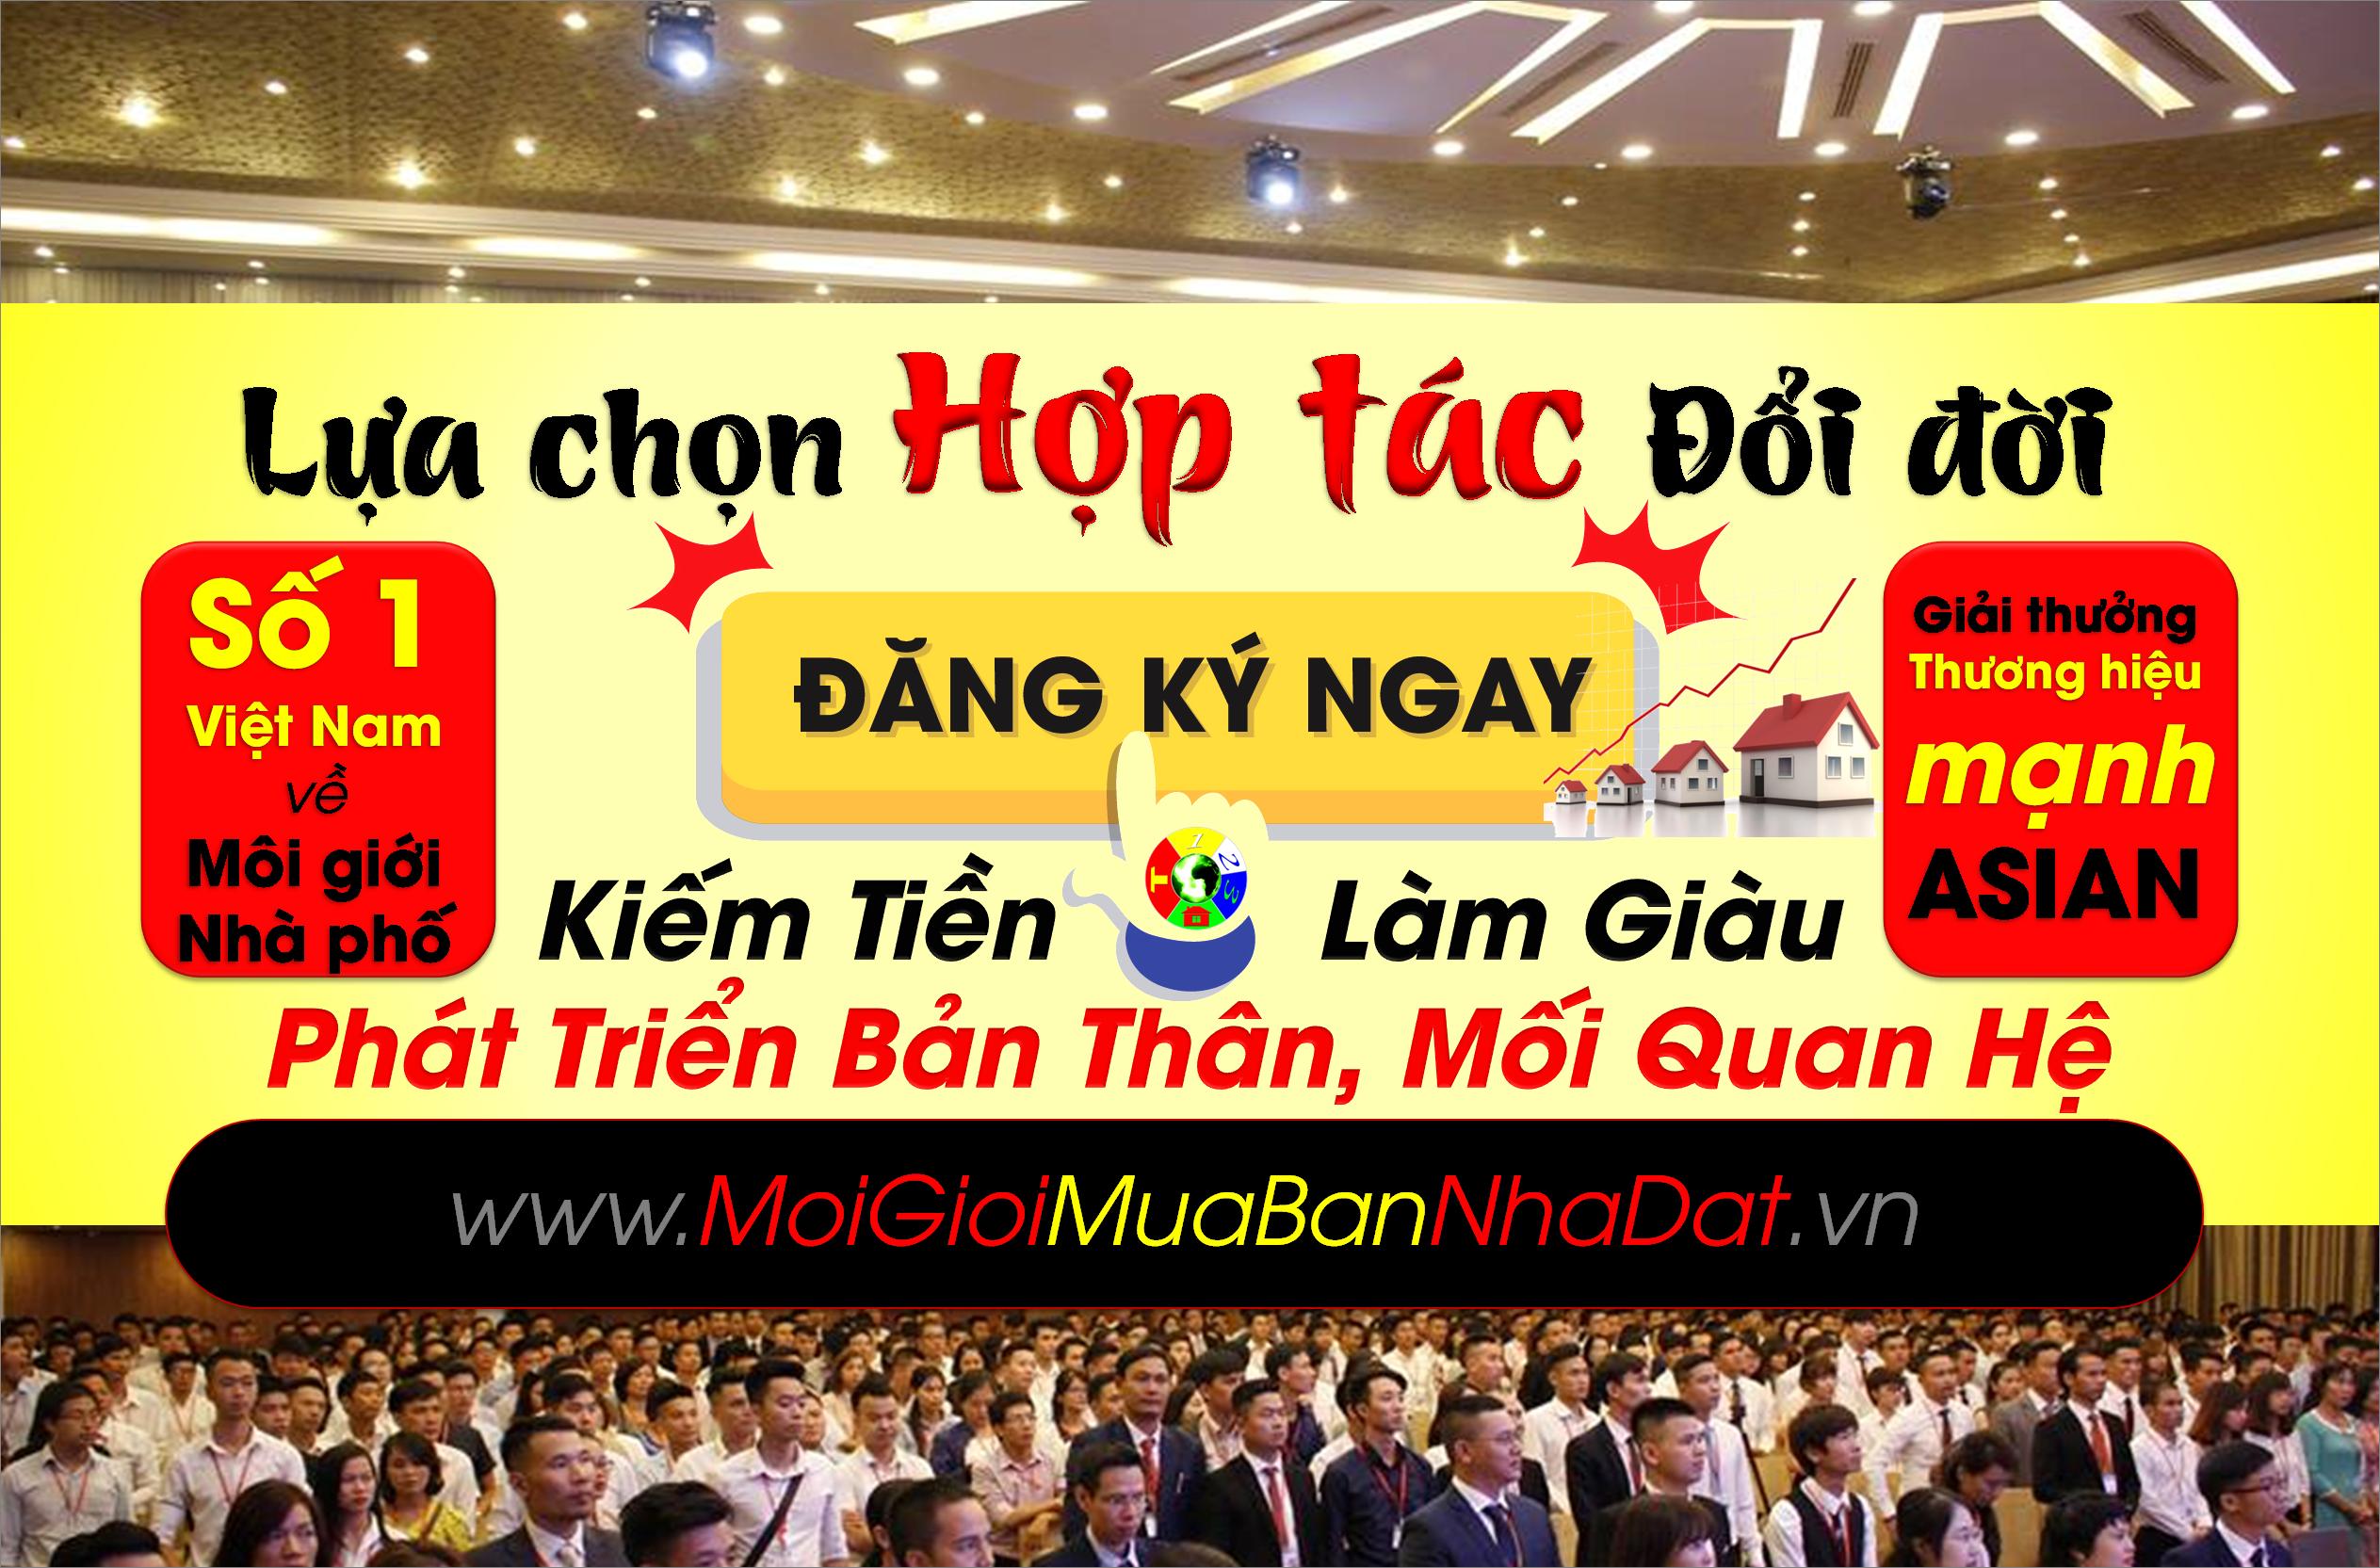 Tuyển dụng tháng 6/2018: Môi giới Bất động sản Chuyên nghiệp thu nhập cao tại Hồ Chí Minh không yêu cầu kinh nghiệm